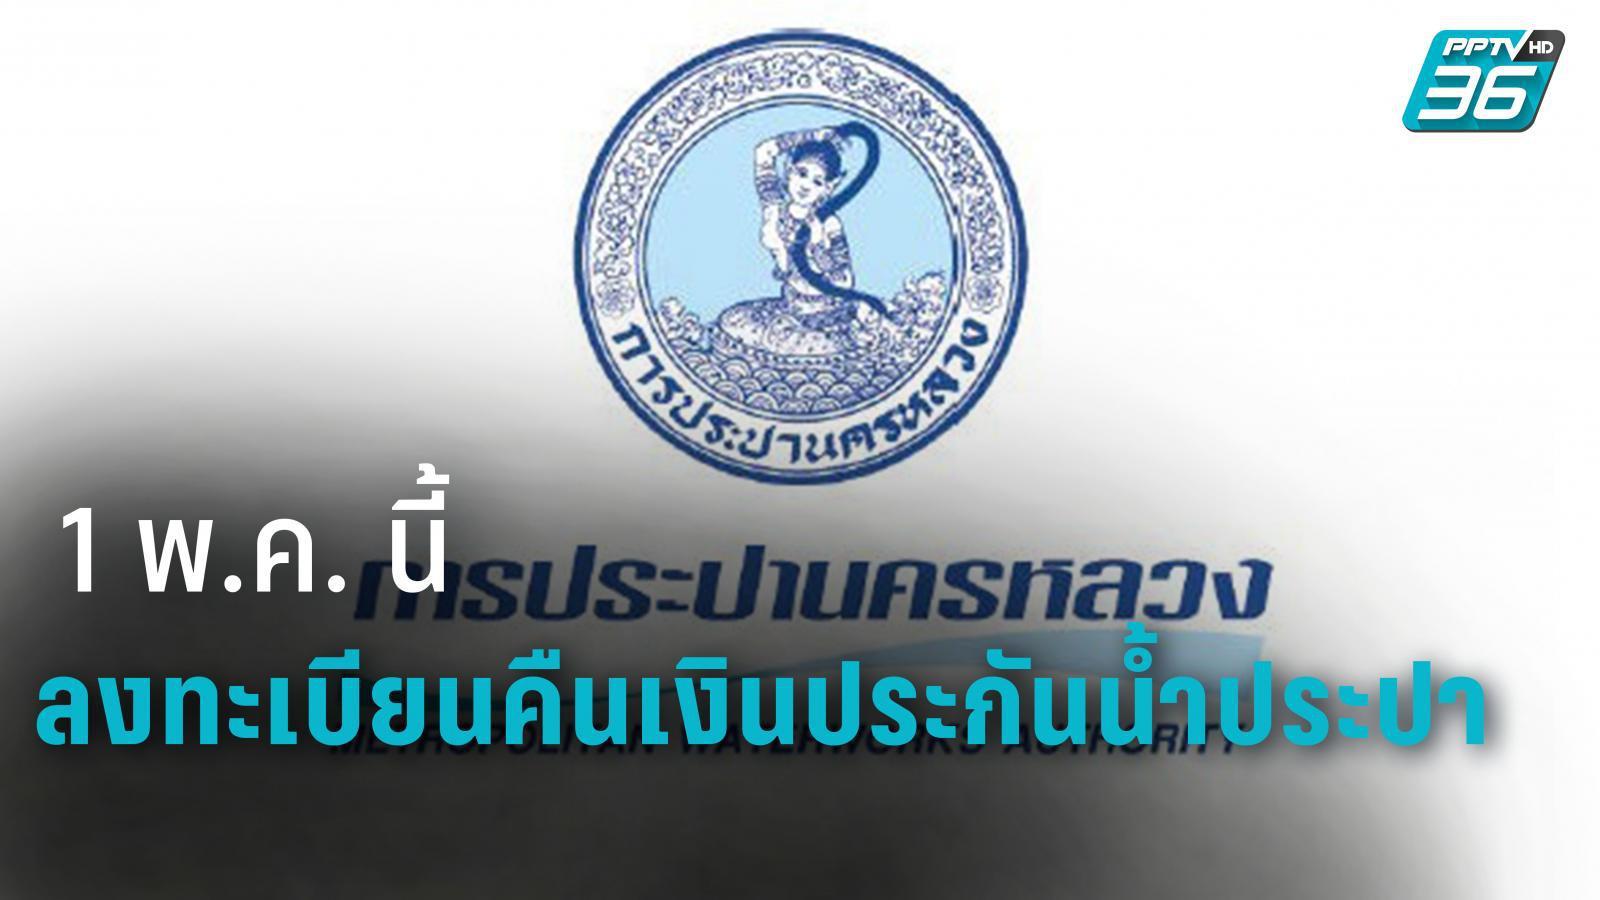 เปิดวิธีลงทะเบียน www.mwa.co.th คืนเงินประกันน้ำประปา การประปานครหลวง (กปน.) กรุงเทพ สมุทรปราการ นนทบุรี